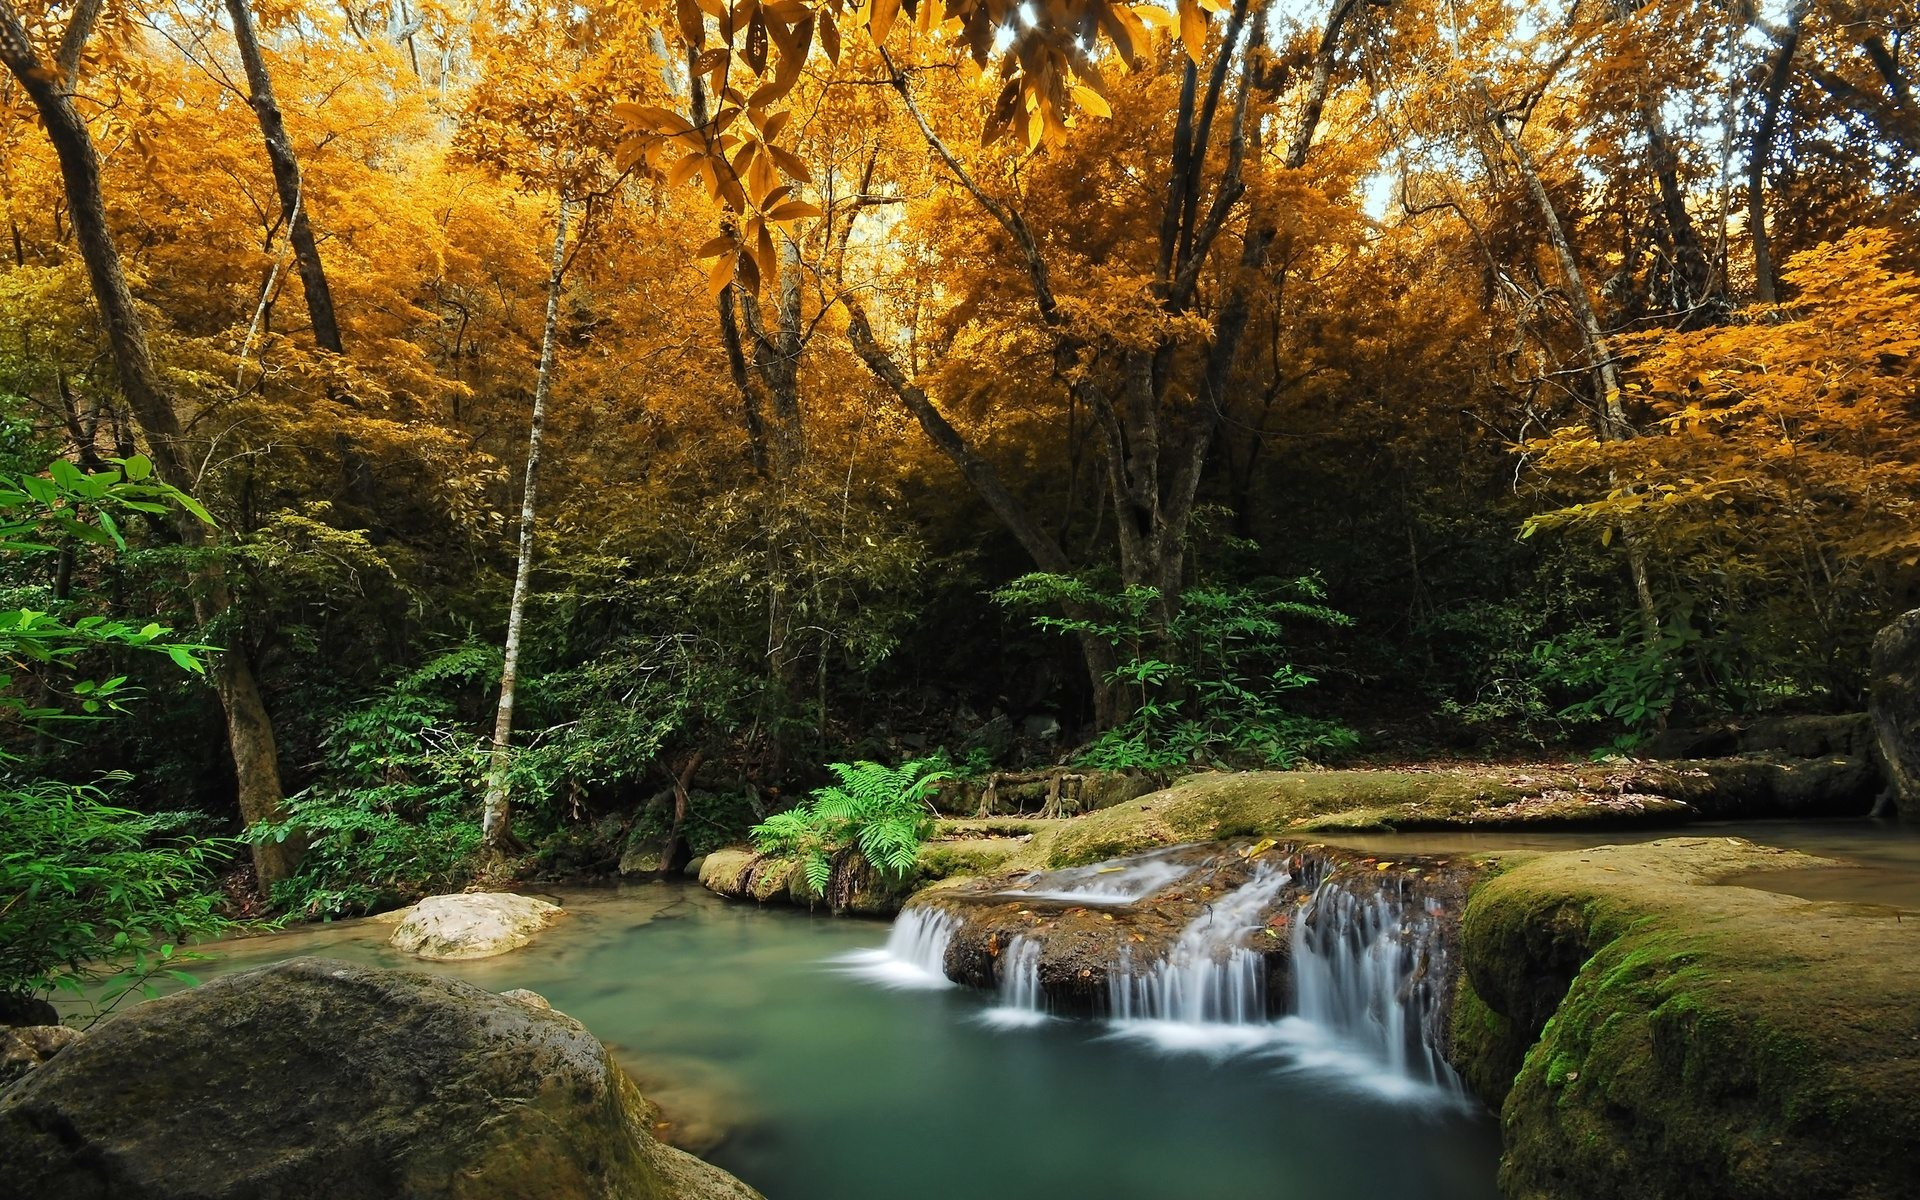 Autumn HD Widescreen Wallpaper